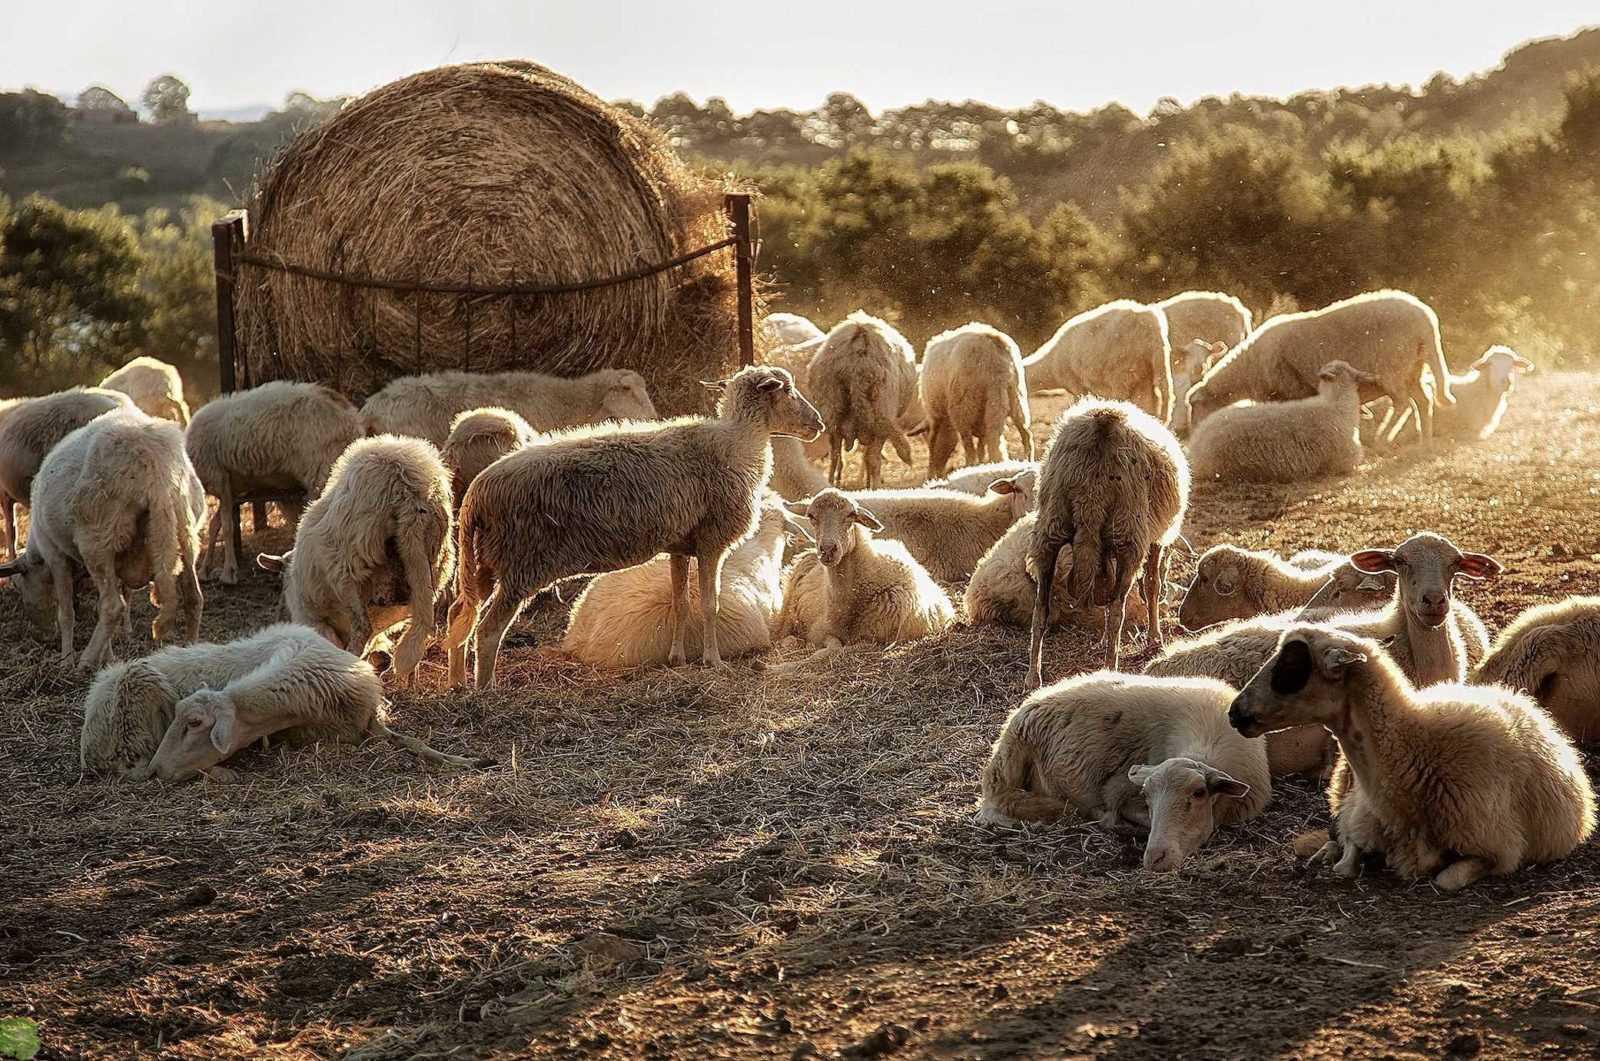 Выращивание овец как бизнес для начинающего фермера